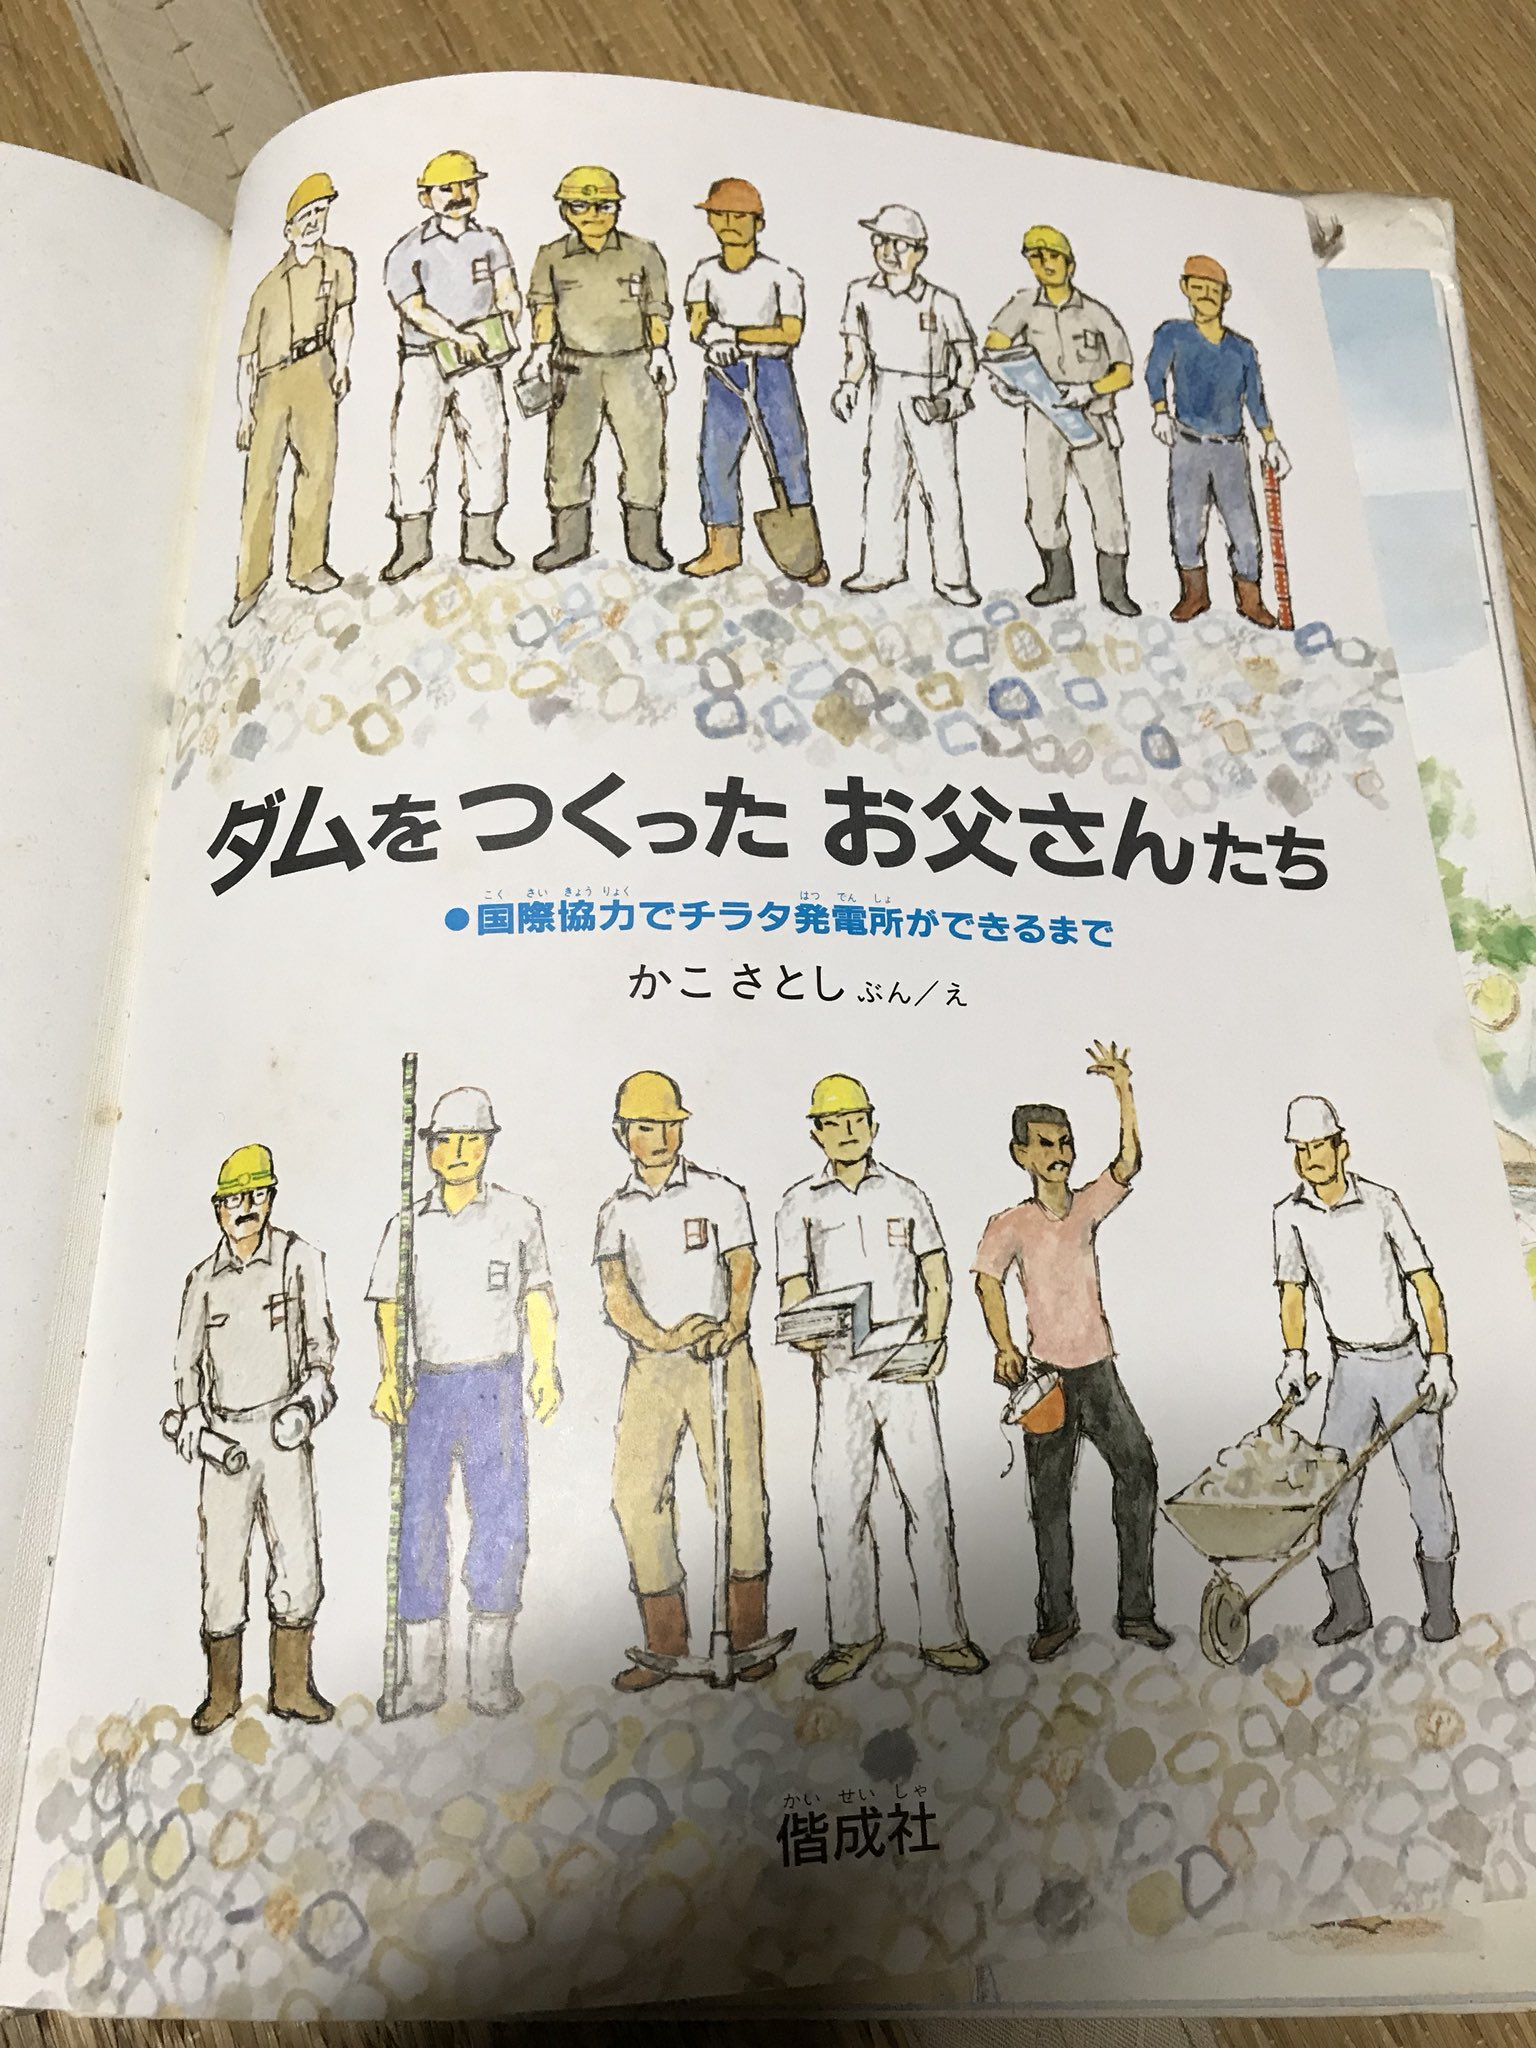 「お、僕が5歳位の時に貰った本だ。懐かしいな」 (ペラッ) 「…未就学児童に読ませる本じゃねぇだろこれ」